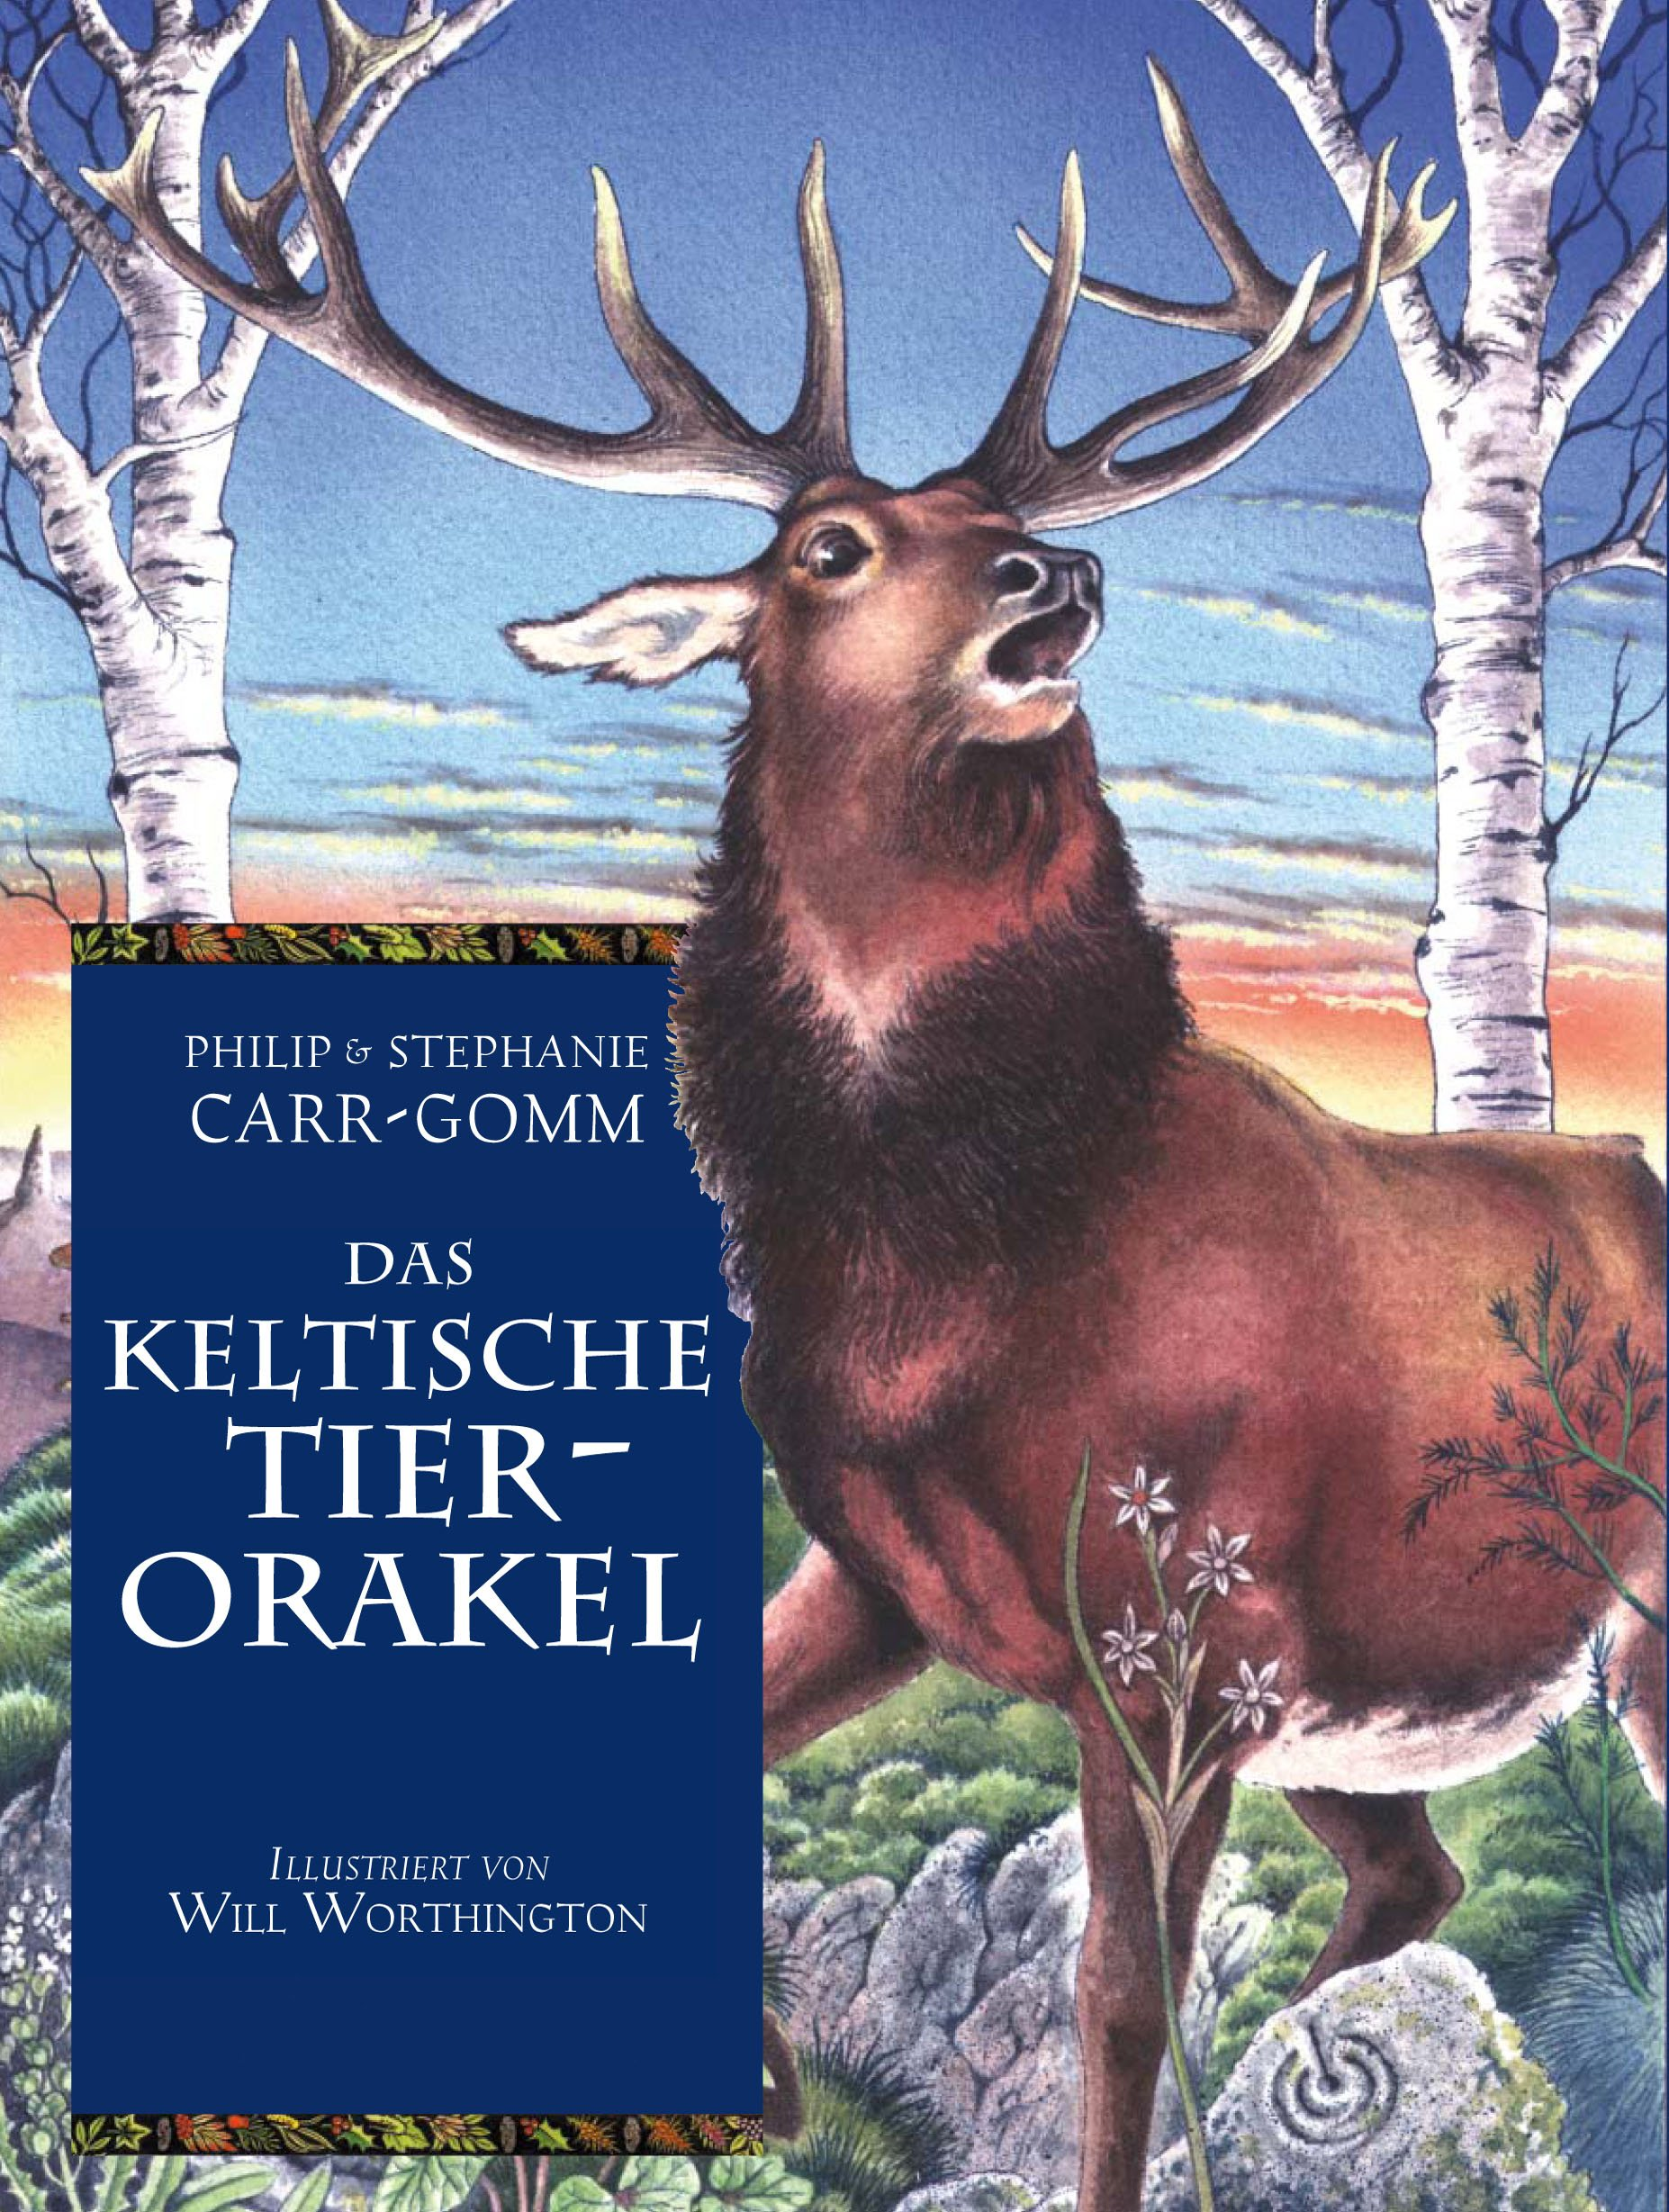 Das keltische Tierorakel: Karten und Buch